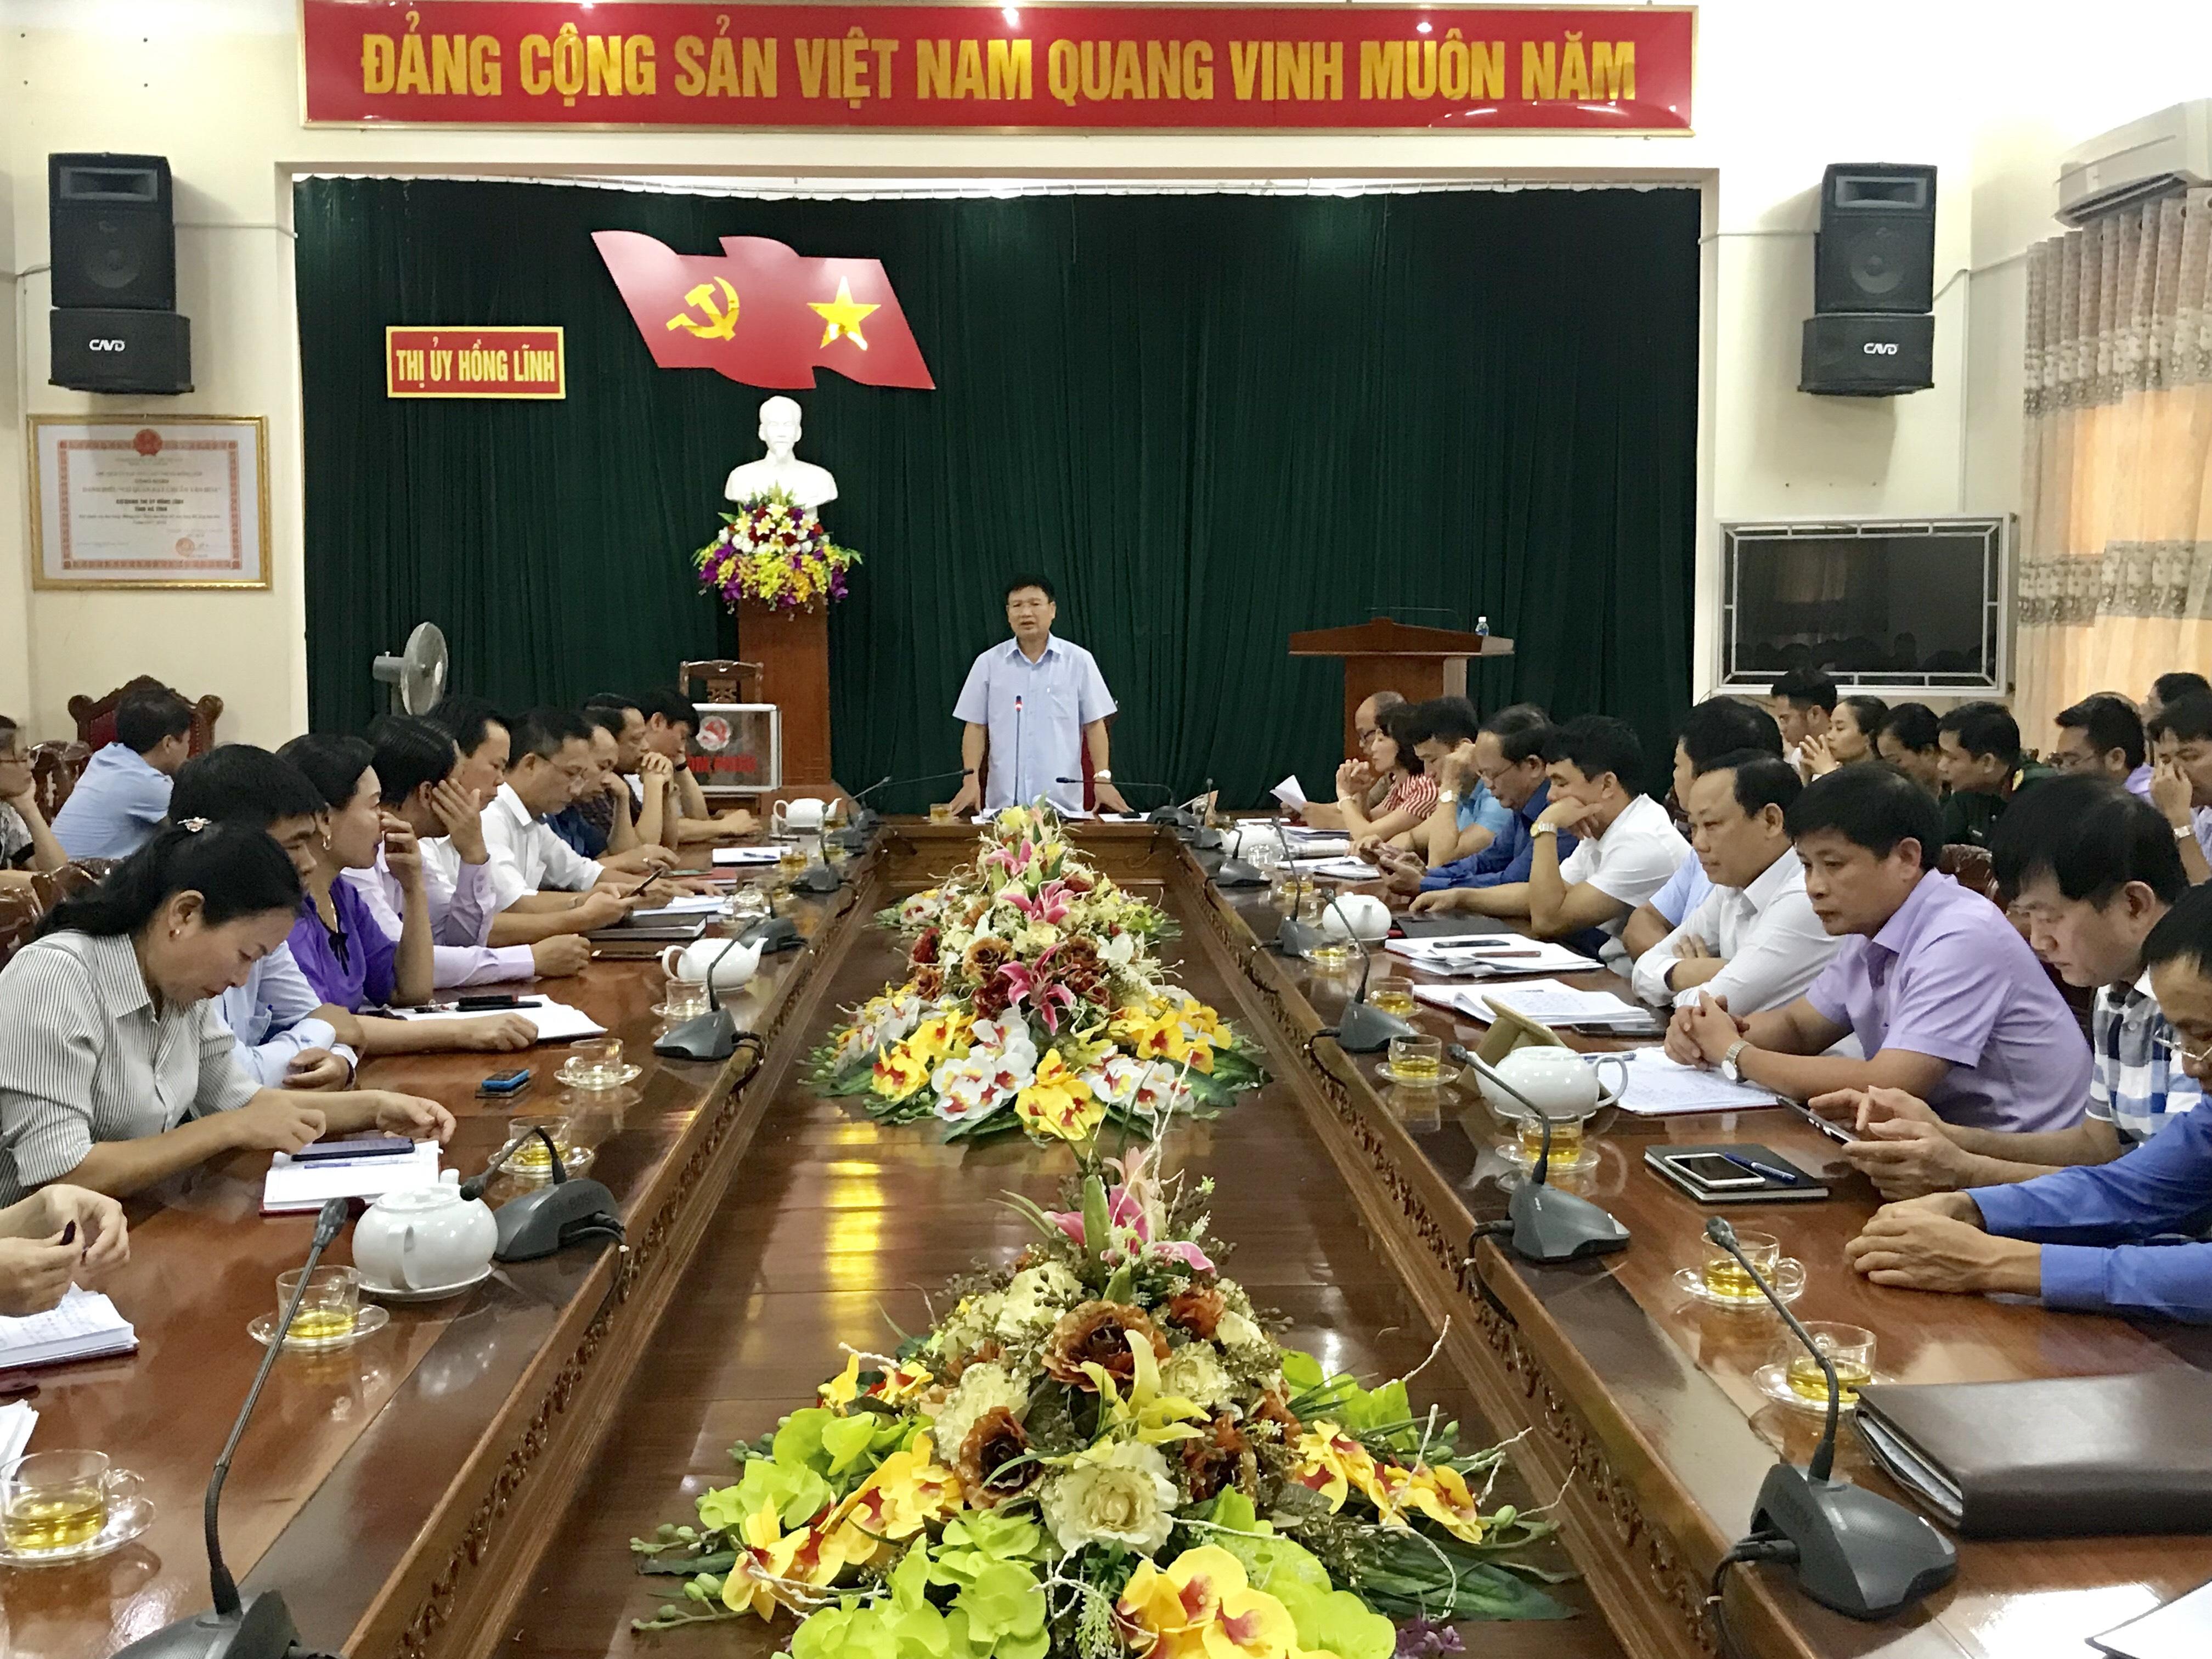 BTV Thị ủy Hồng Lĩnh tổ chức Hội nghị thực hiện rà soát, bổ sung quy hoạch cán bộ